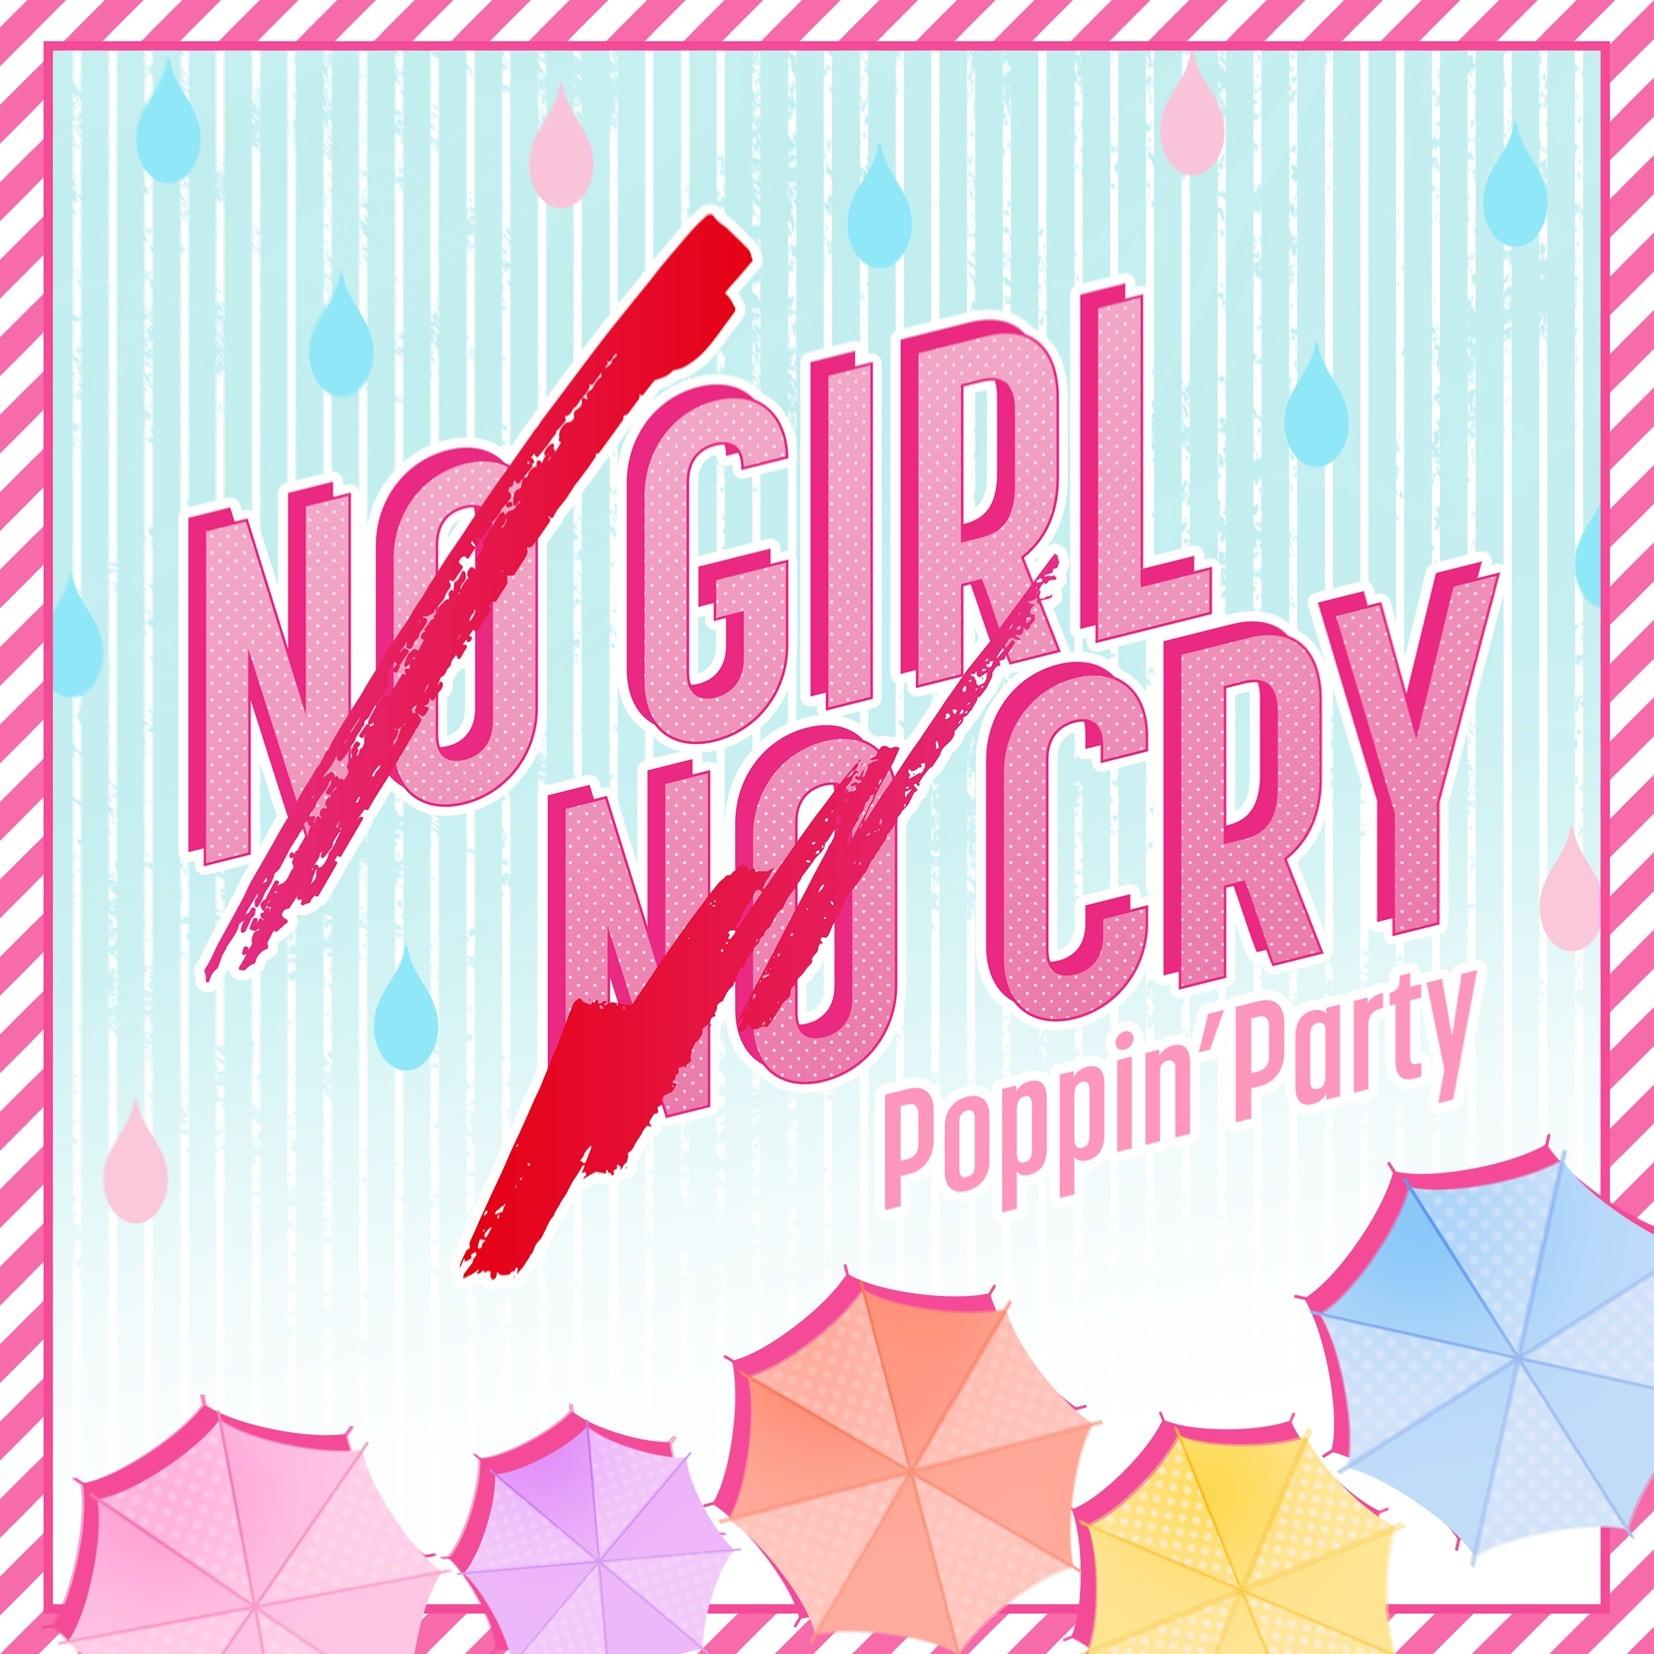 BanG Dream! – NO GIRL NO CRY (Poppin'Party Ver.) [24bit Lossless + MP3 320 / WEB] [2019.04.19]